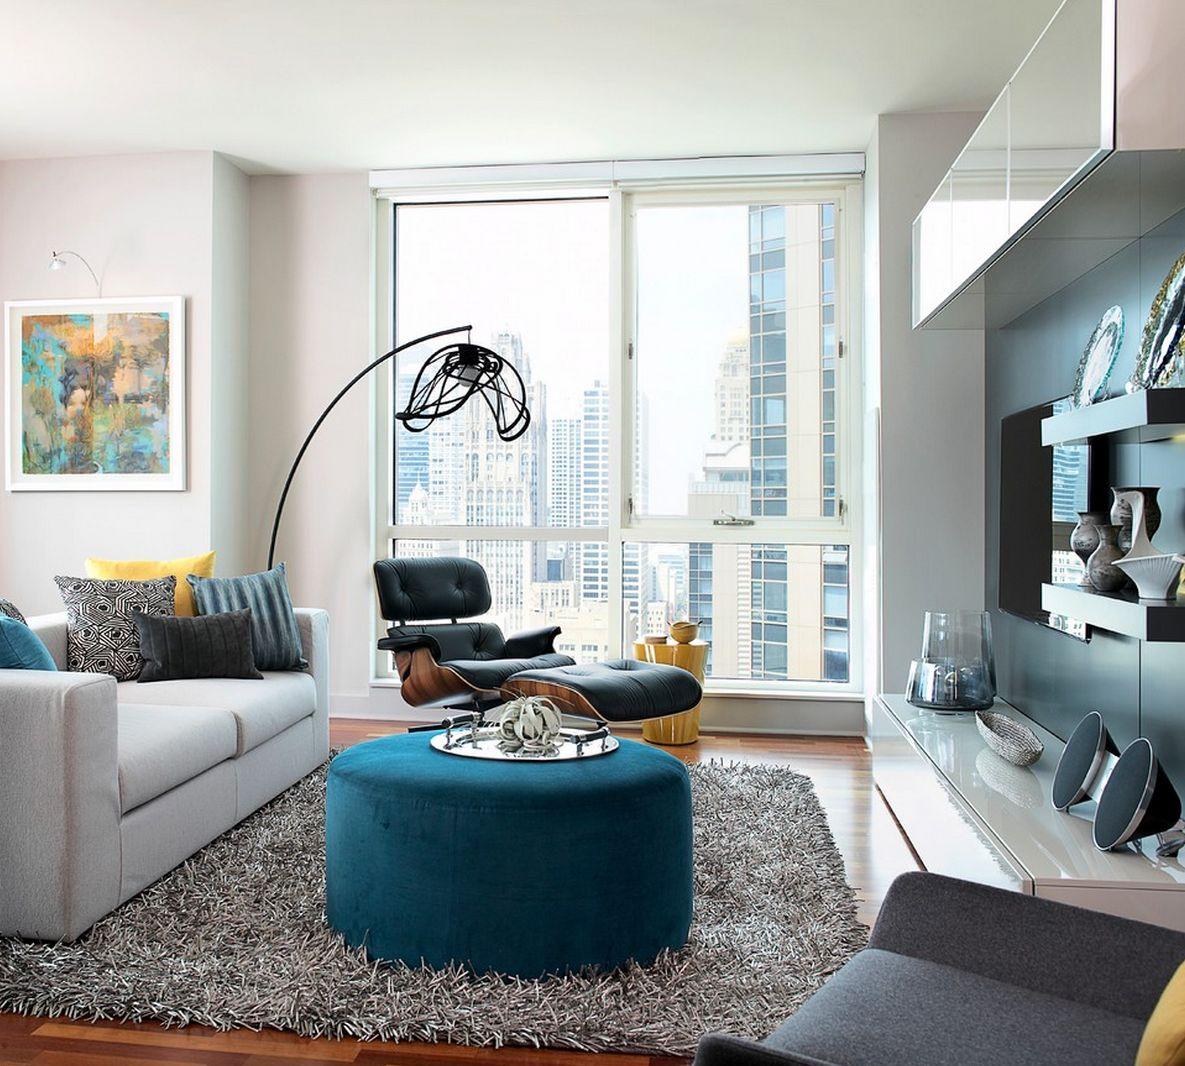 Sofa Style Marocain - Idées de décoration d\'intérieur - aloeveras.us